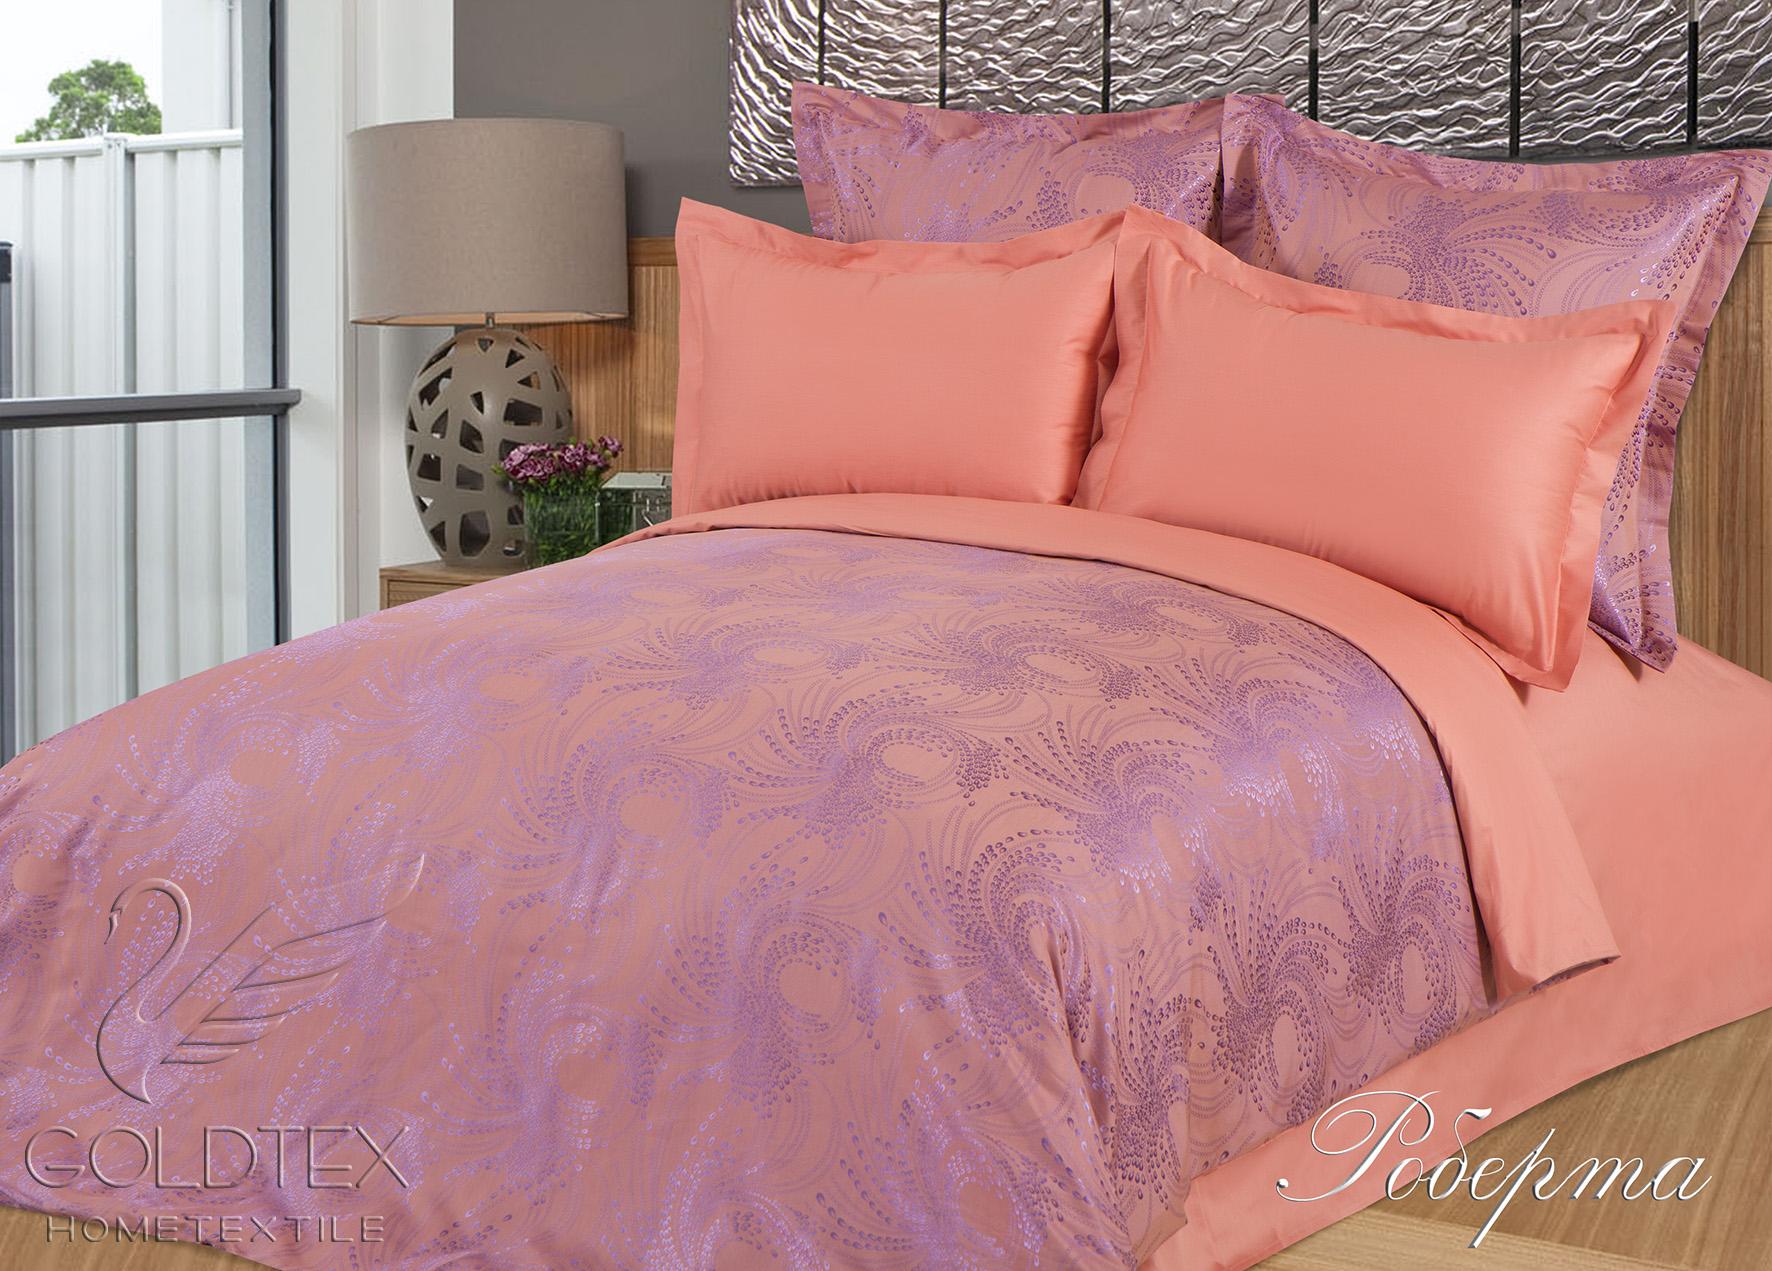 Комплект  Роберта , размер 2,0-спальный с 4 наволочками - Постельное белье артикул: 10687